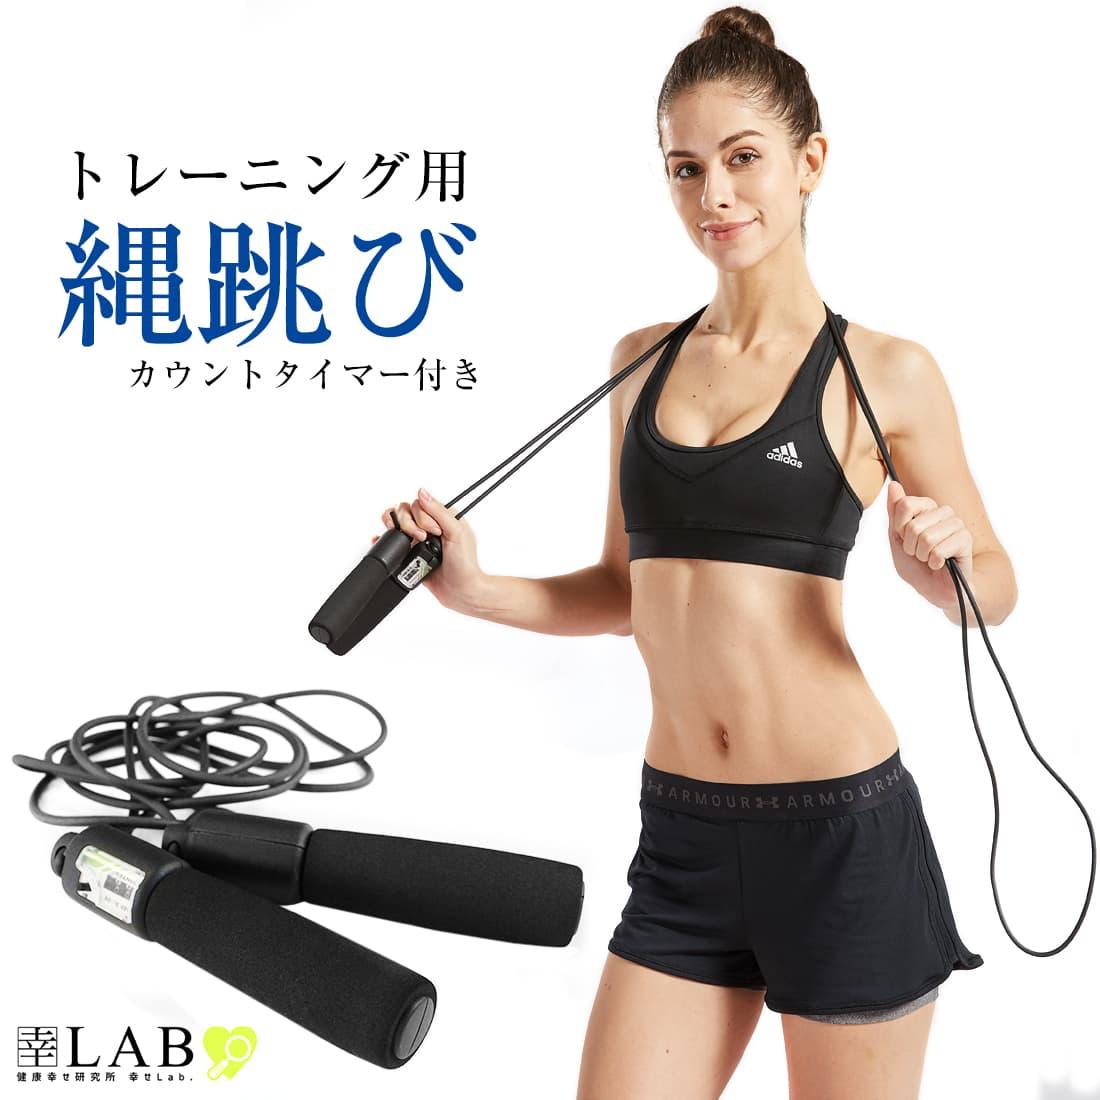 運動のため大人の縄跳び!トレーニングにおすすめはありますか?